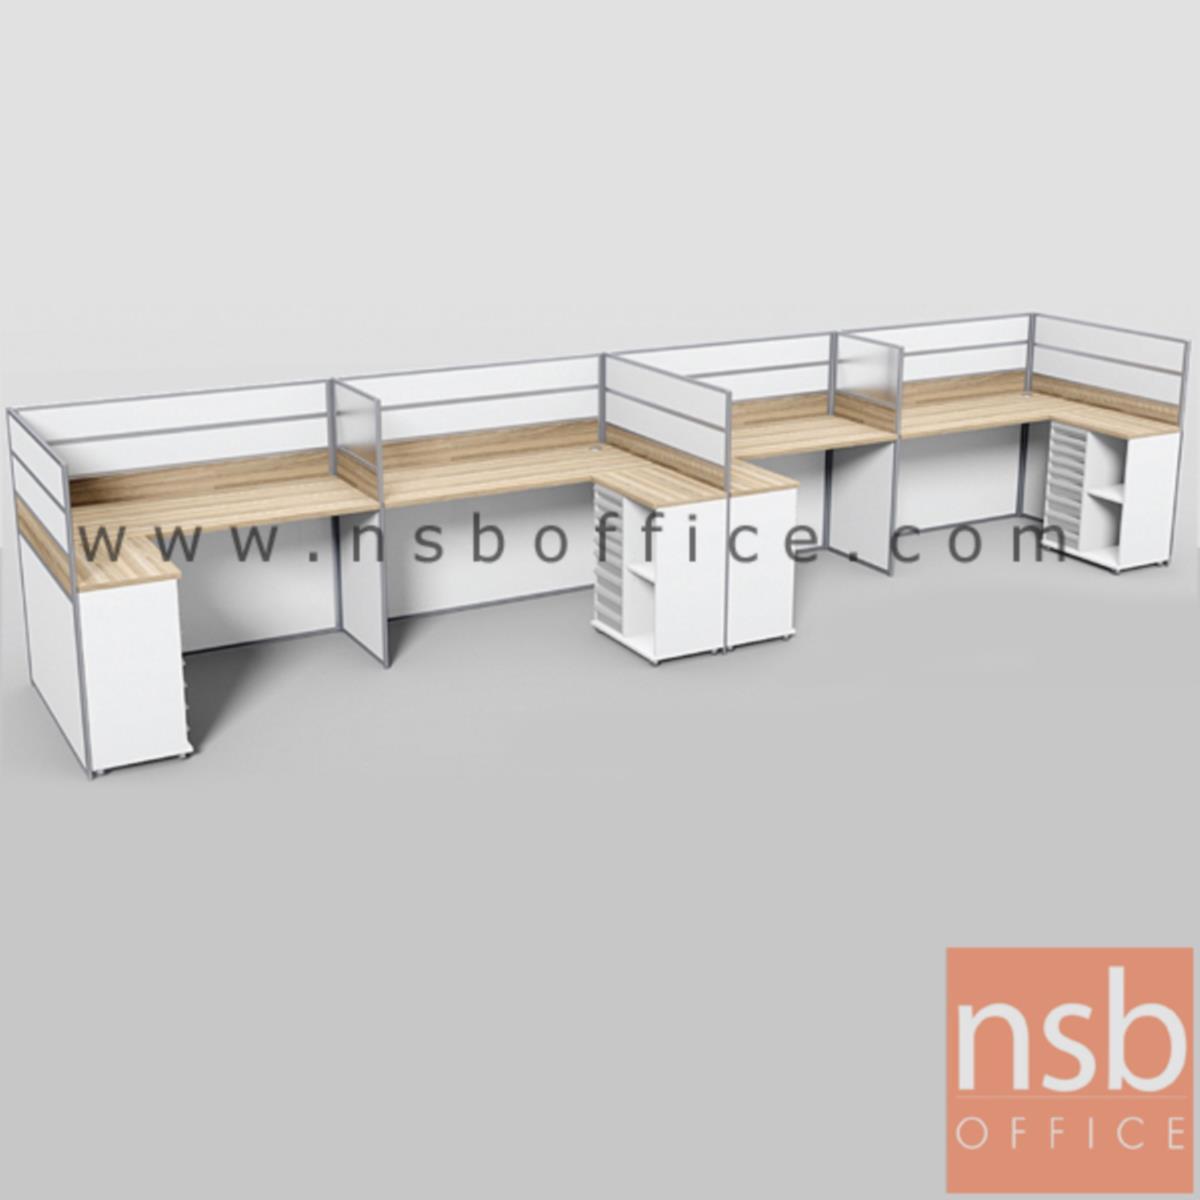 ชุดโต๊ะทำงานกลุ่มตัวแอล 4 ที่นั่ง  รุ่น Barcadi 1 (บาร์คาดี้ 1) ขนาดรวม 610W1*122W2 cm. พร้อมตู้ข้างเอกสาร